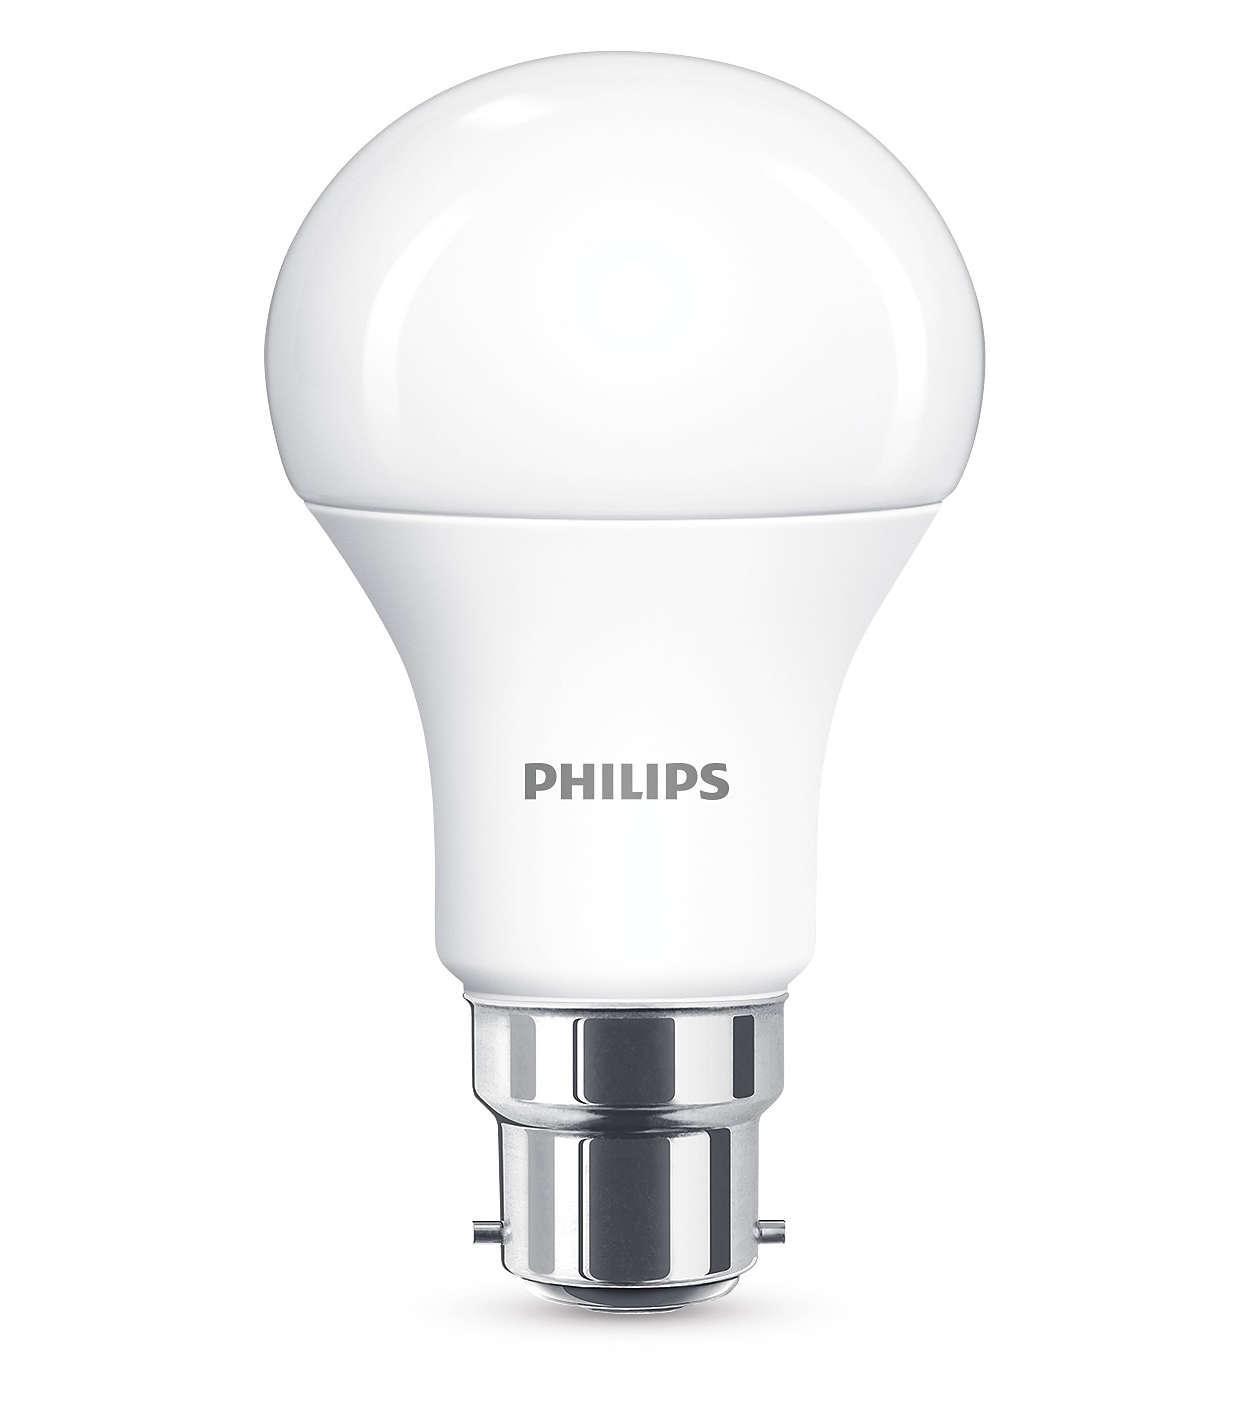 Топла бяла светлина, без компромис с качеството на осветлението